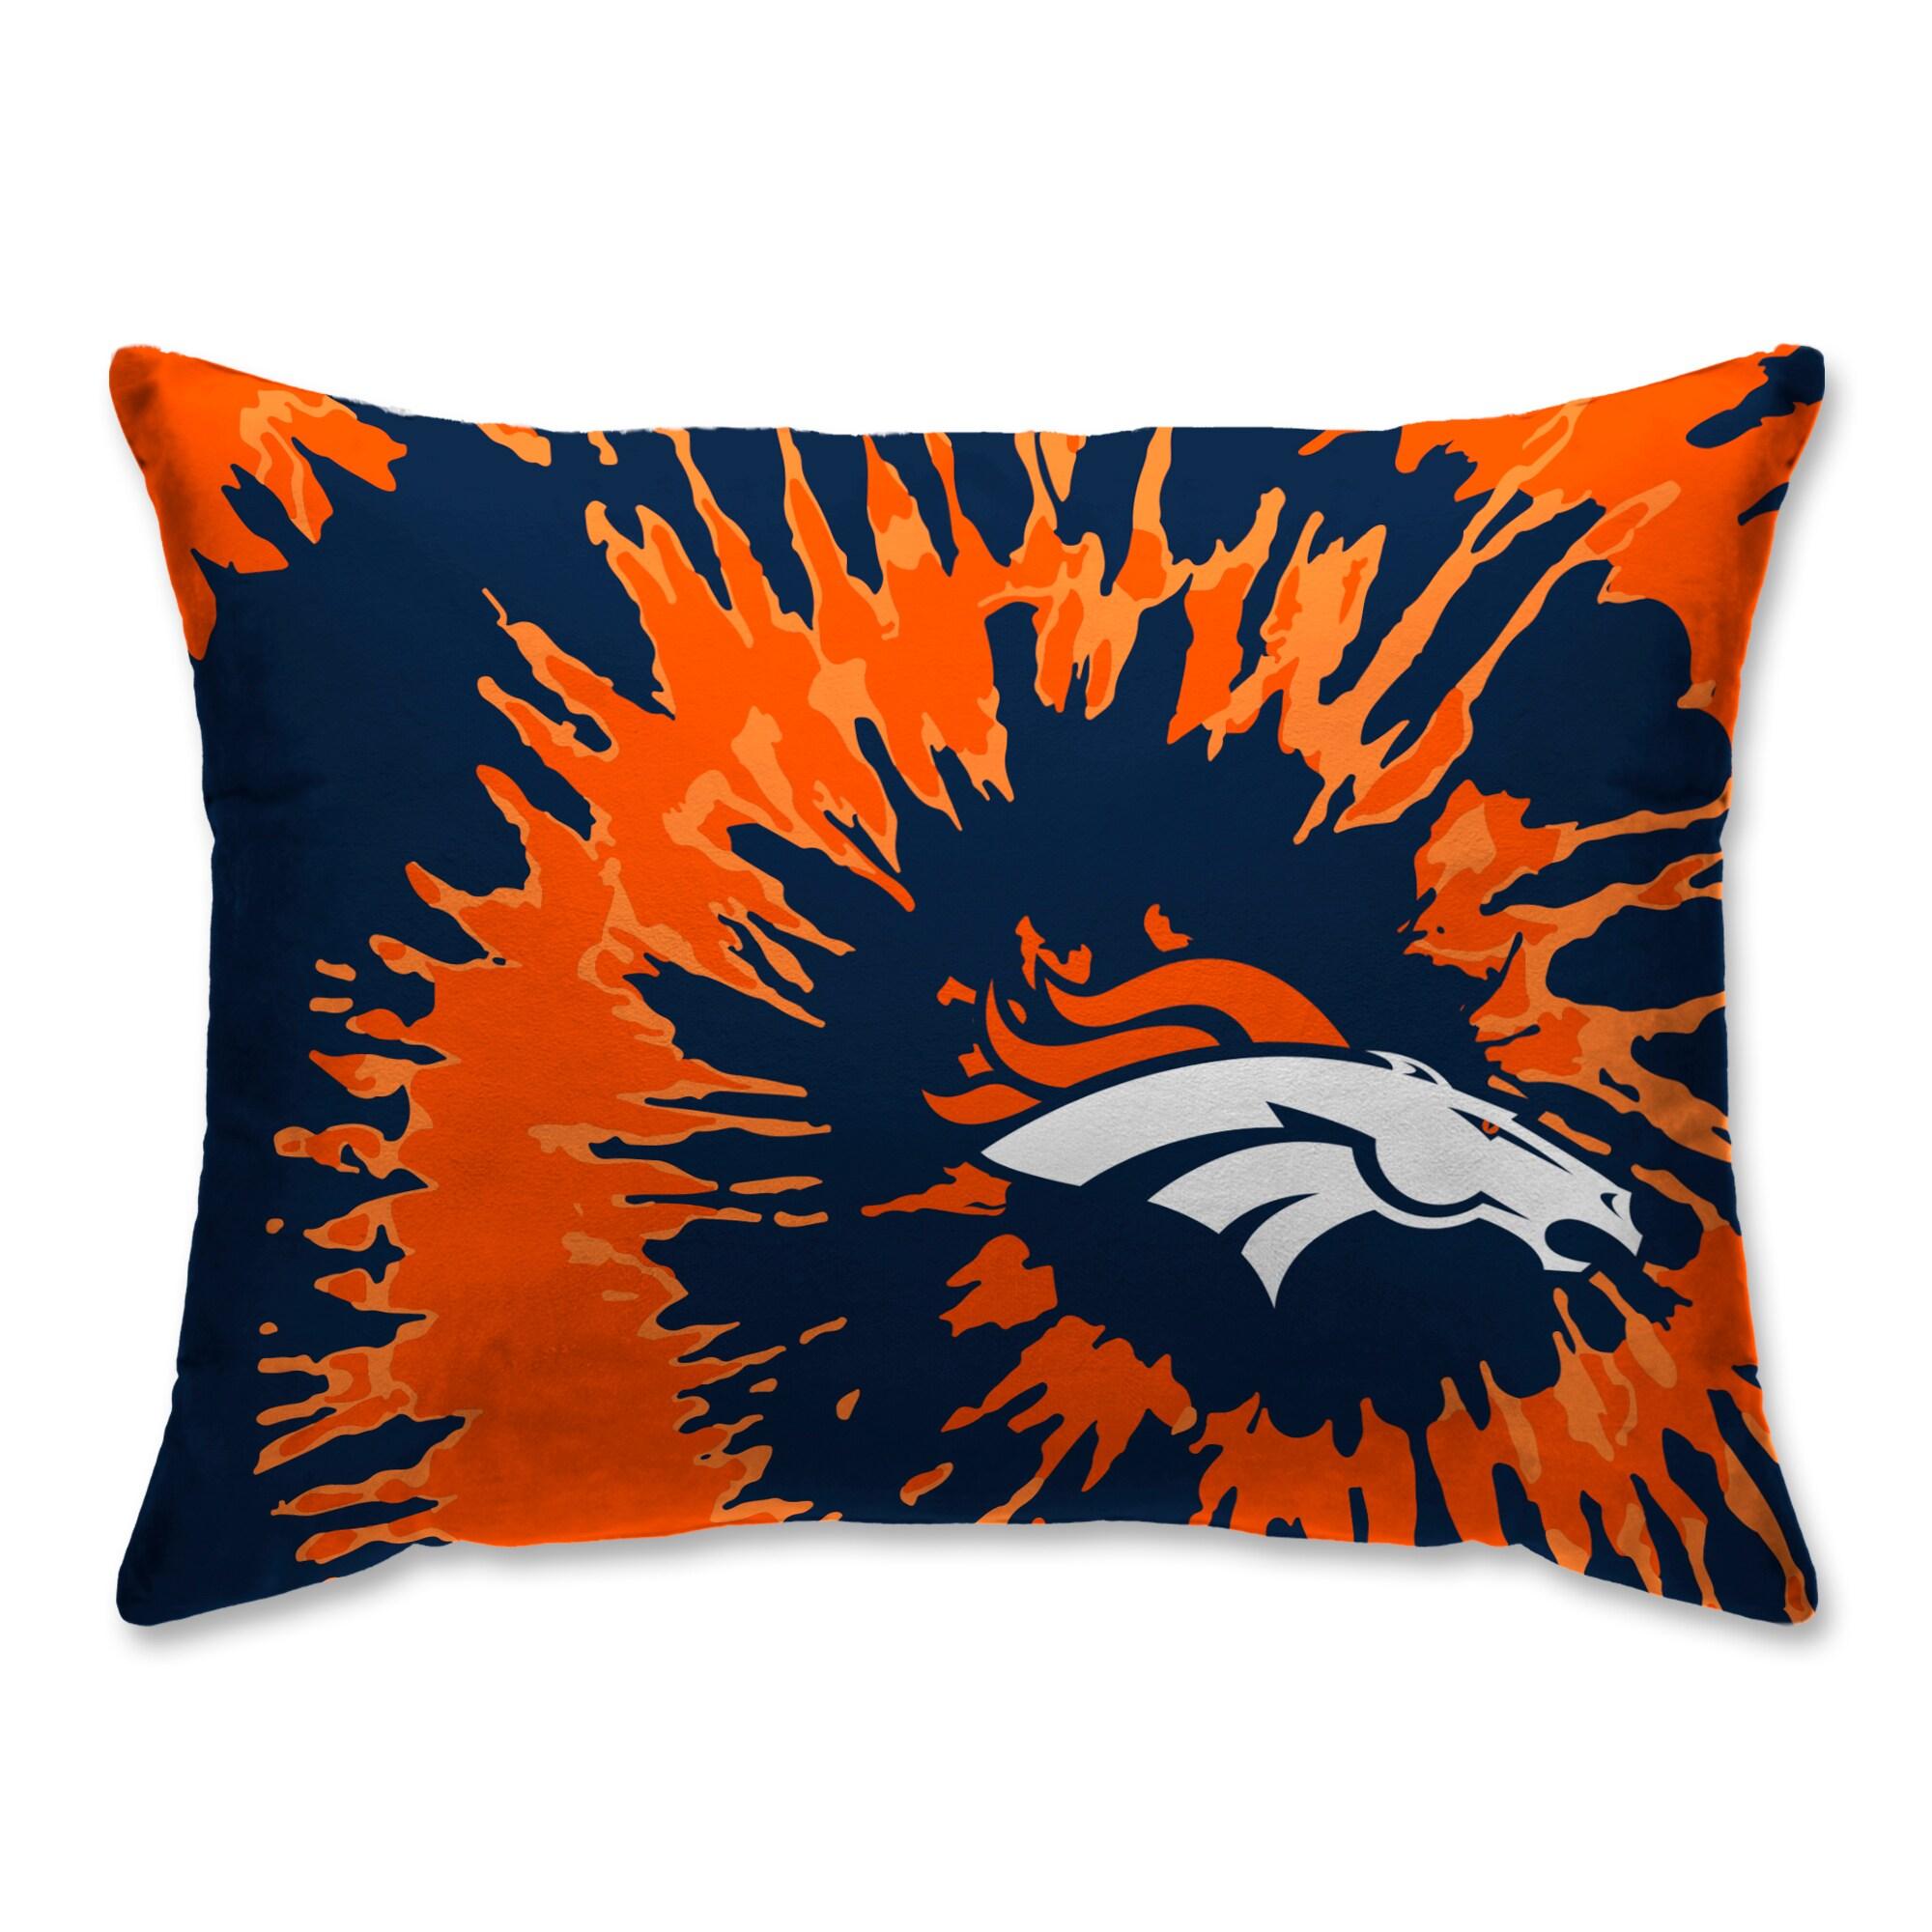 Denver Broncos Tie Dye Plush Bed Pillow - Blue